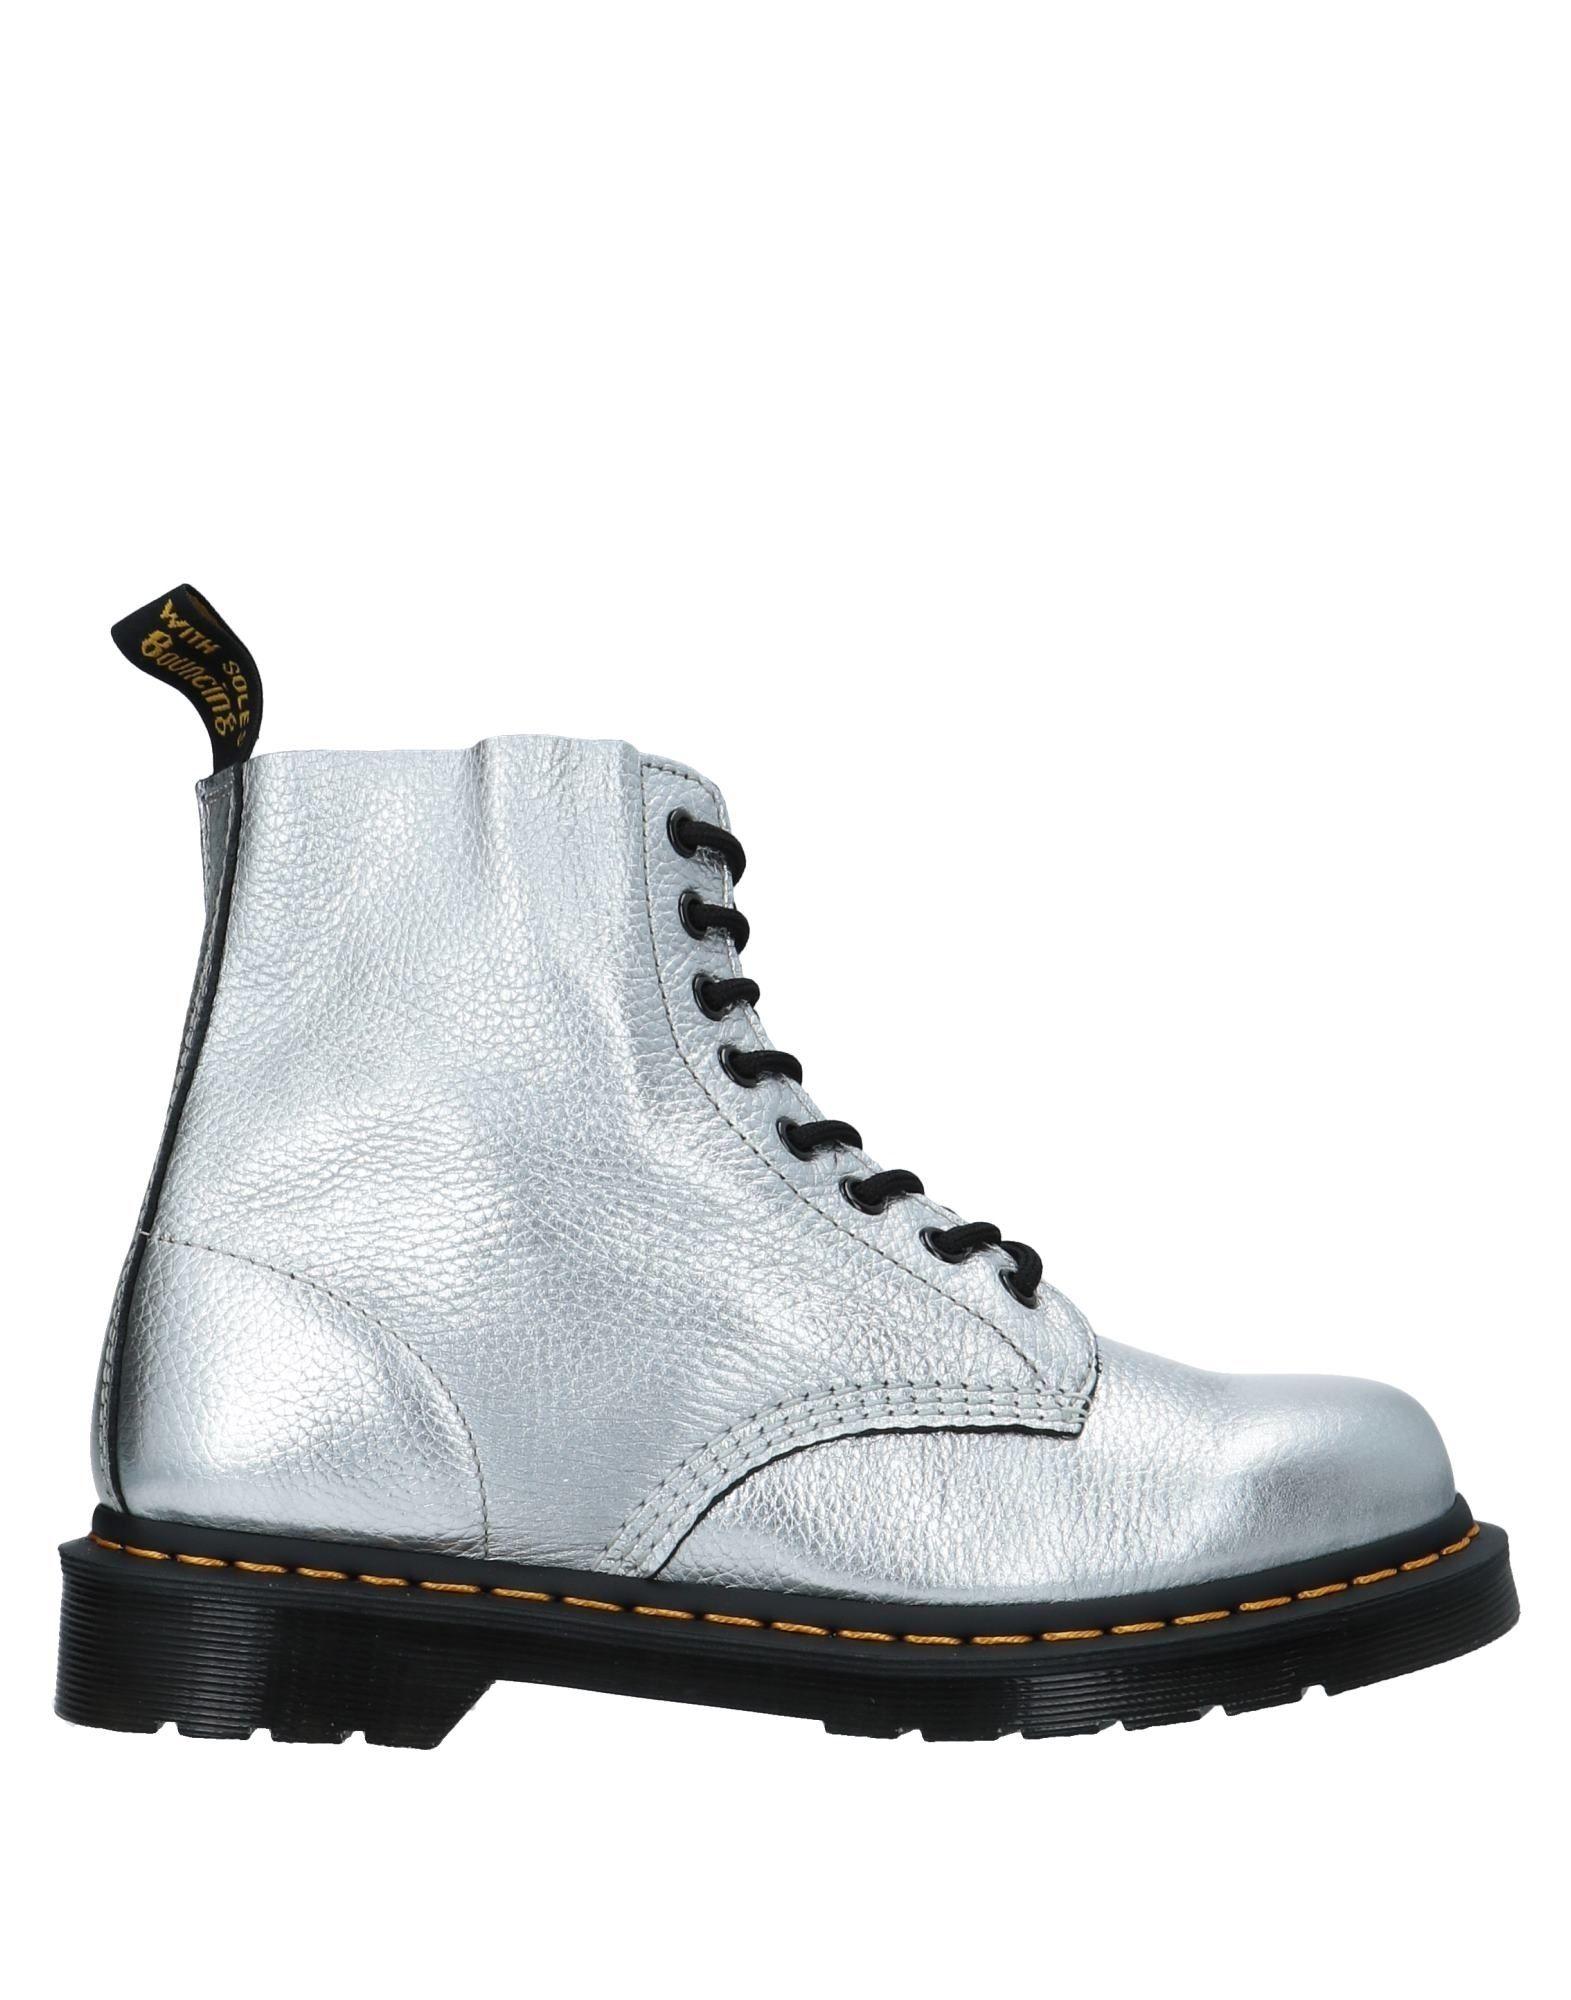 Stilvolle billige Schuhe Dr. Martens 11519362AC Stiefelette Damen  11519362AC Martens b0d0a2